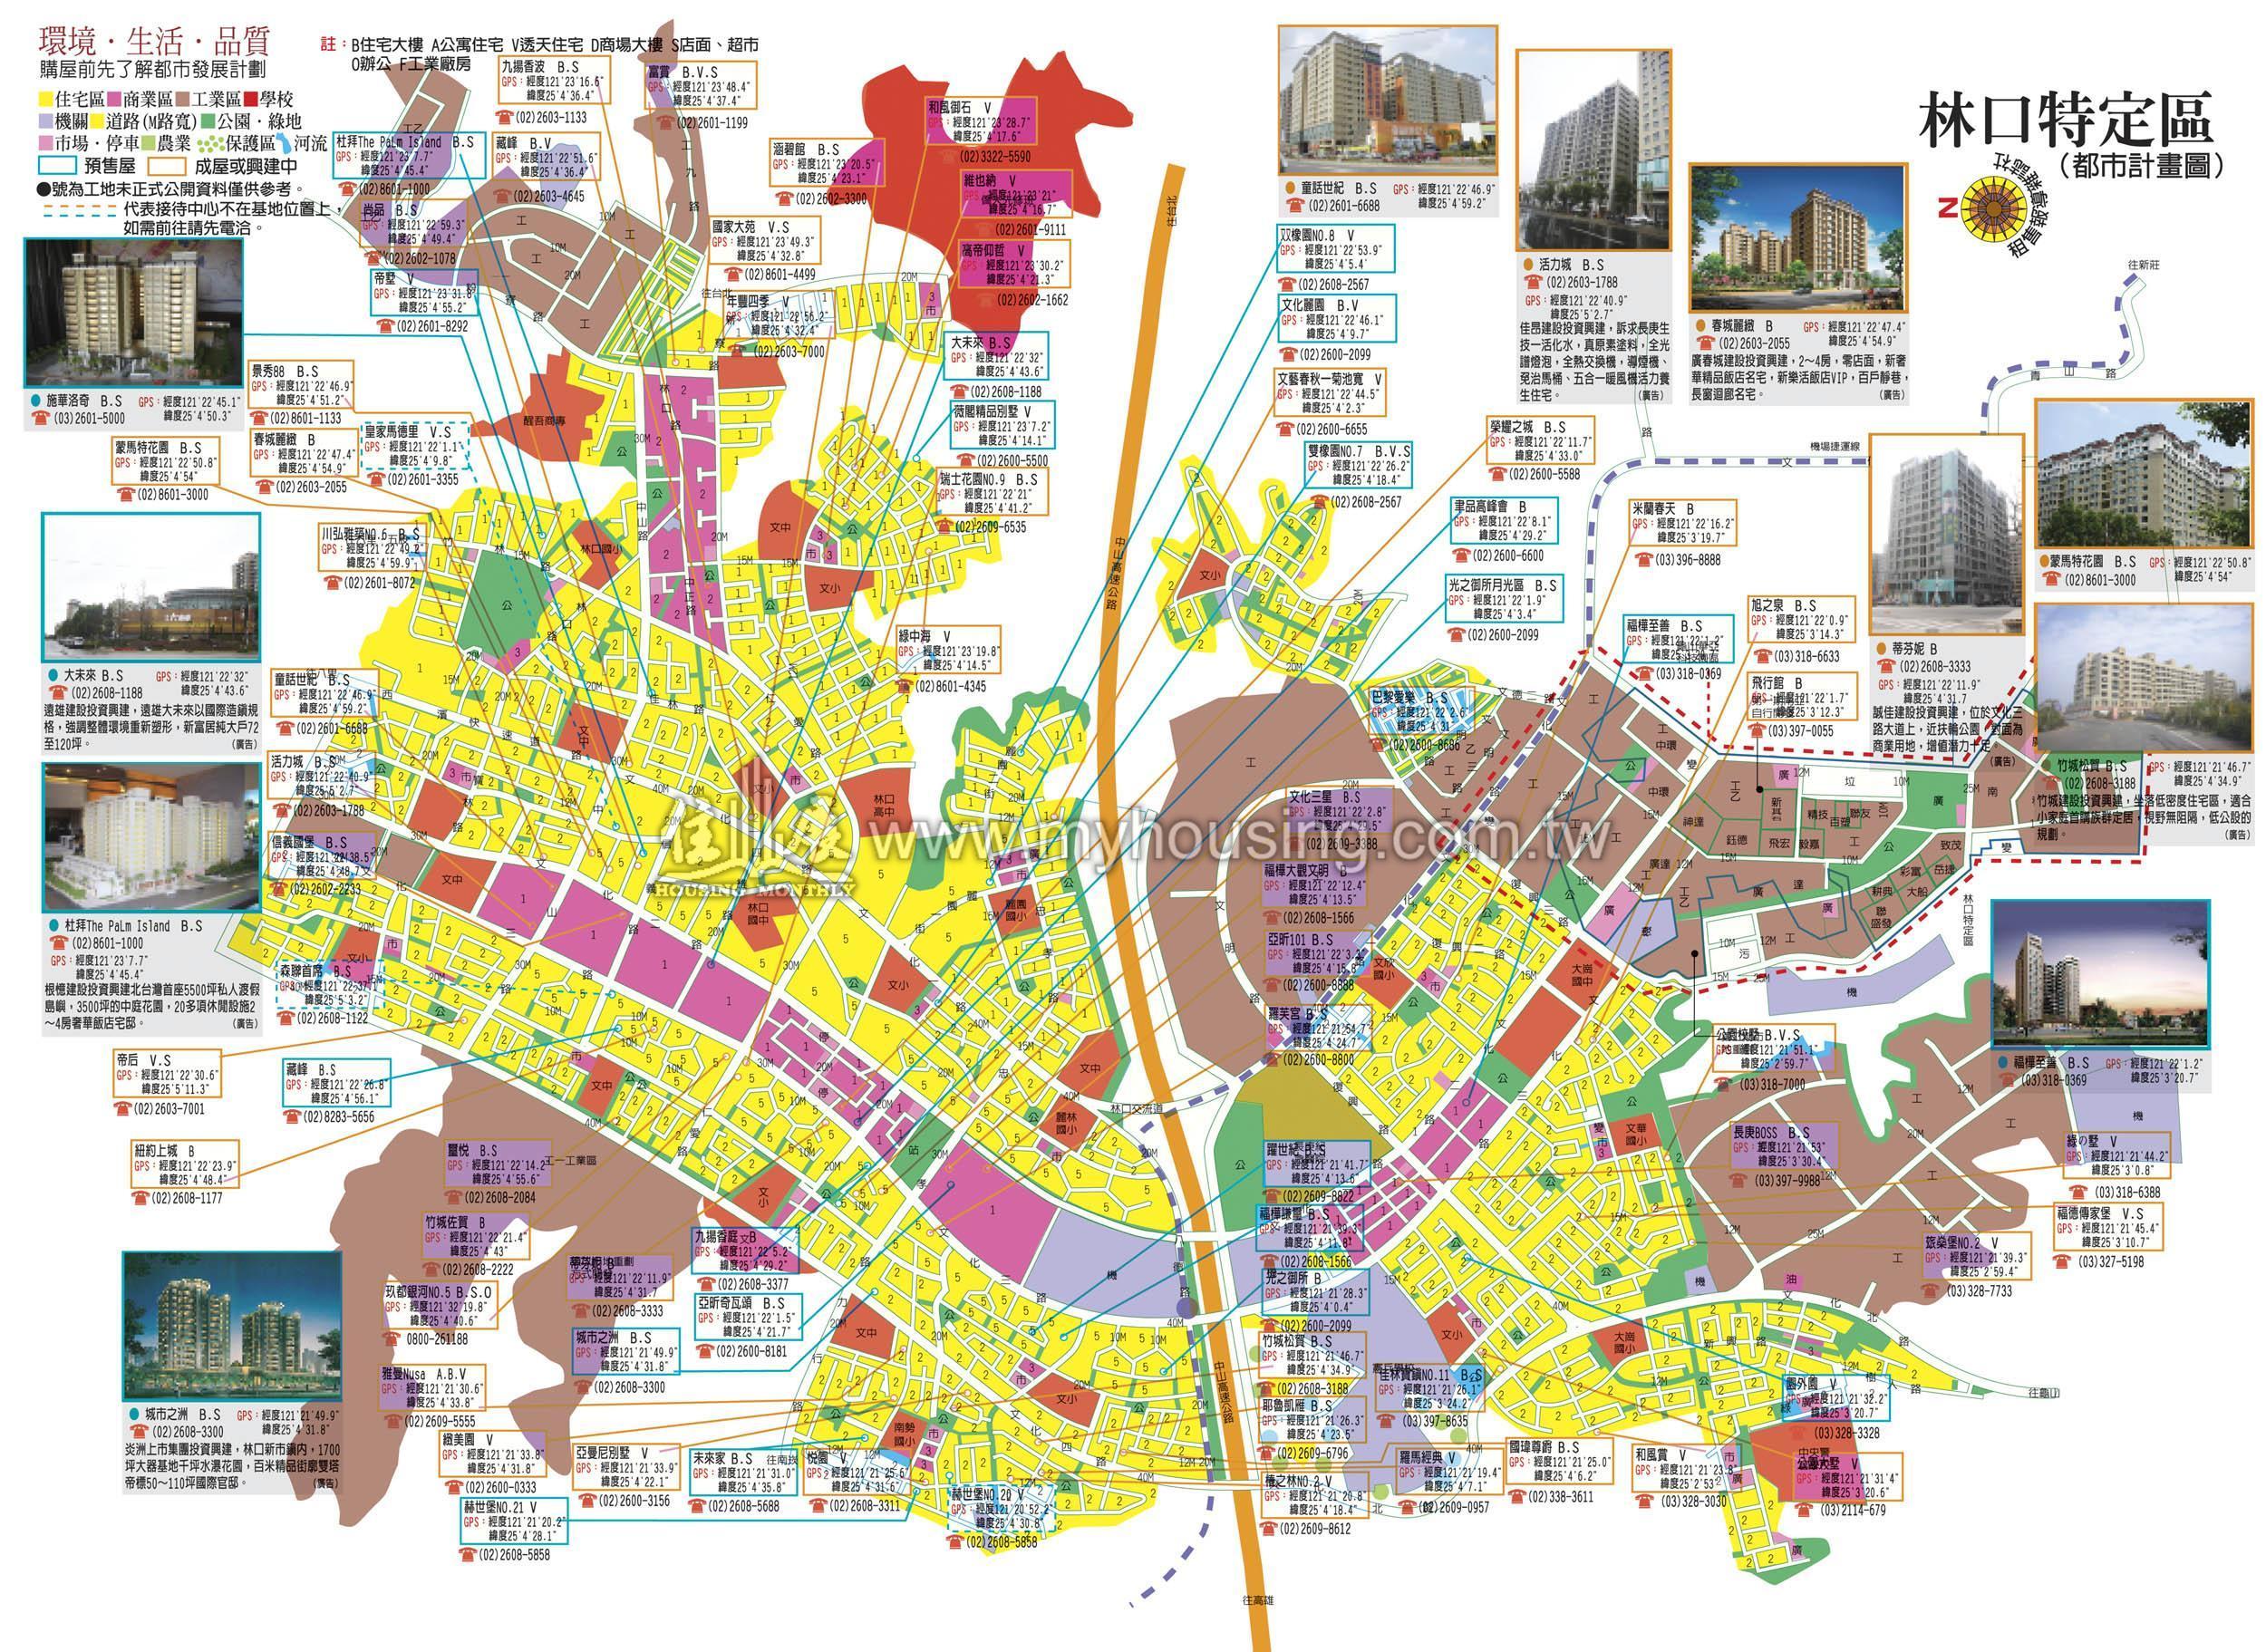 林口重劃區案名地圖照片